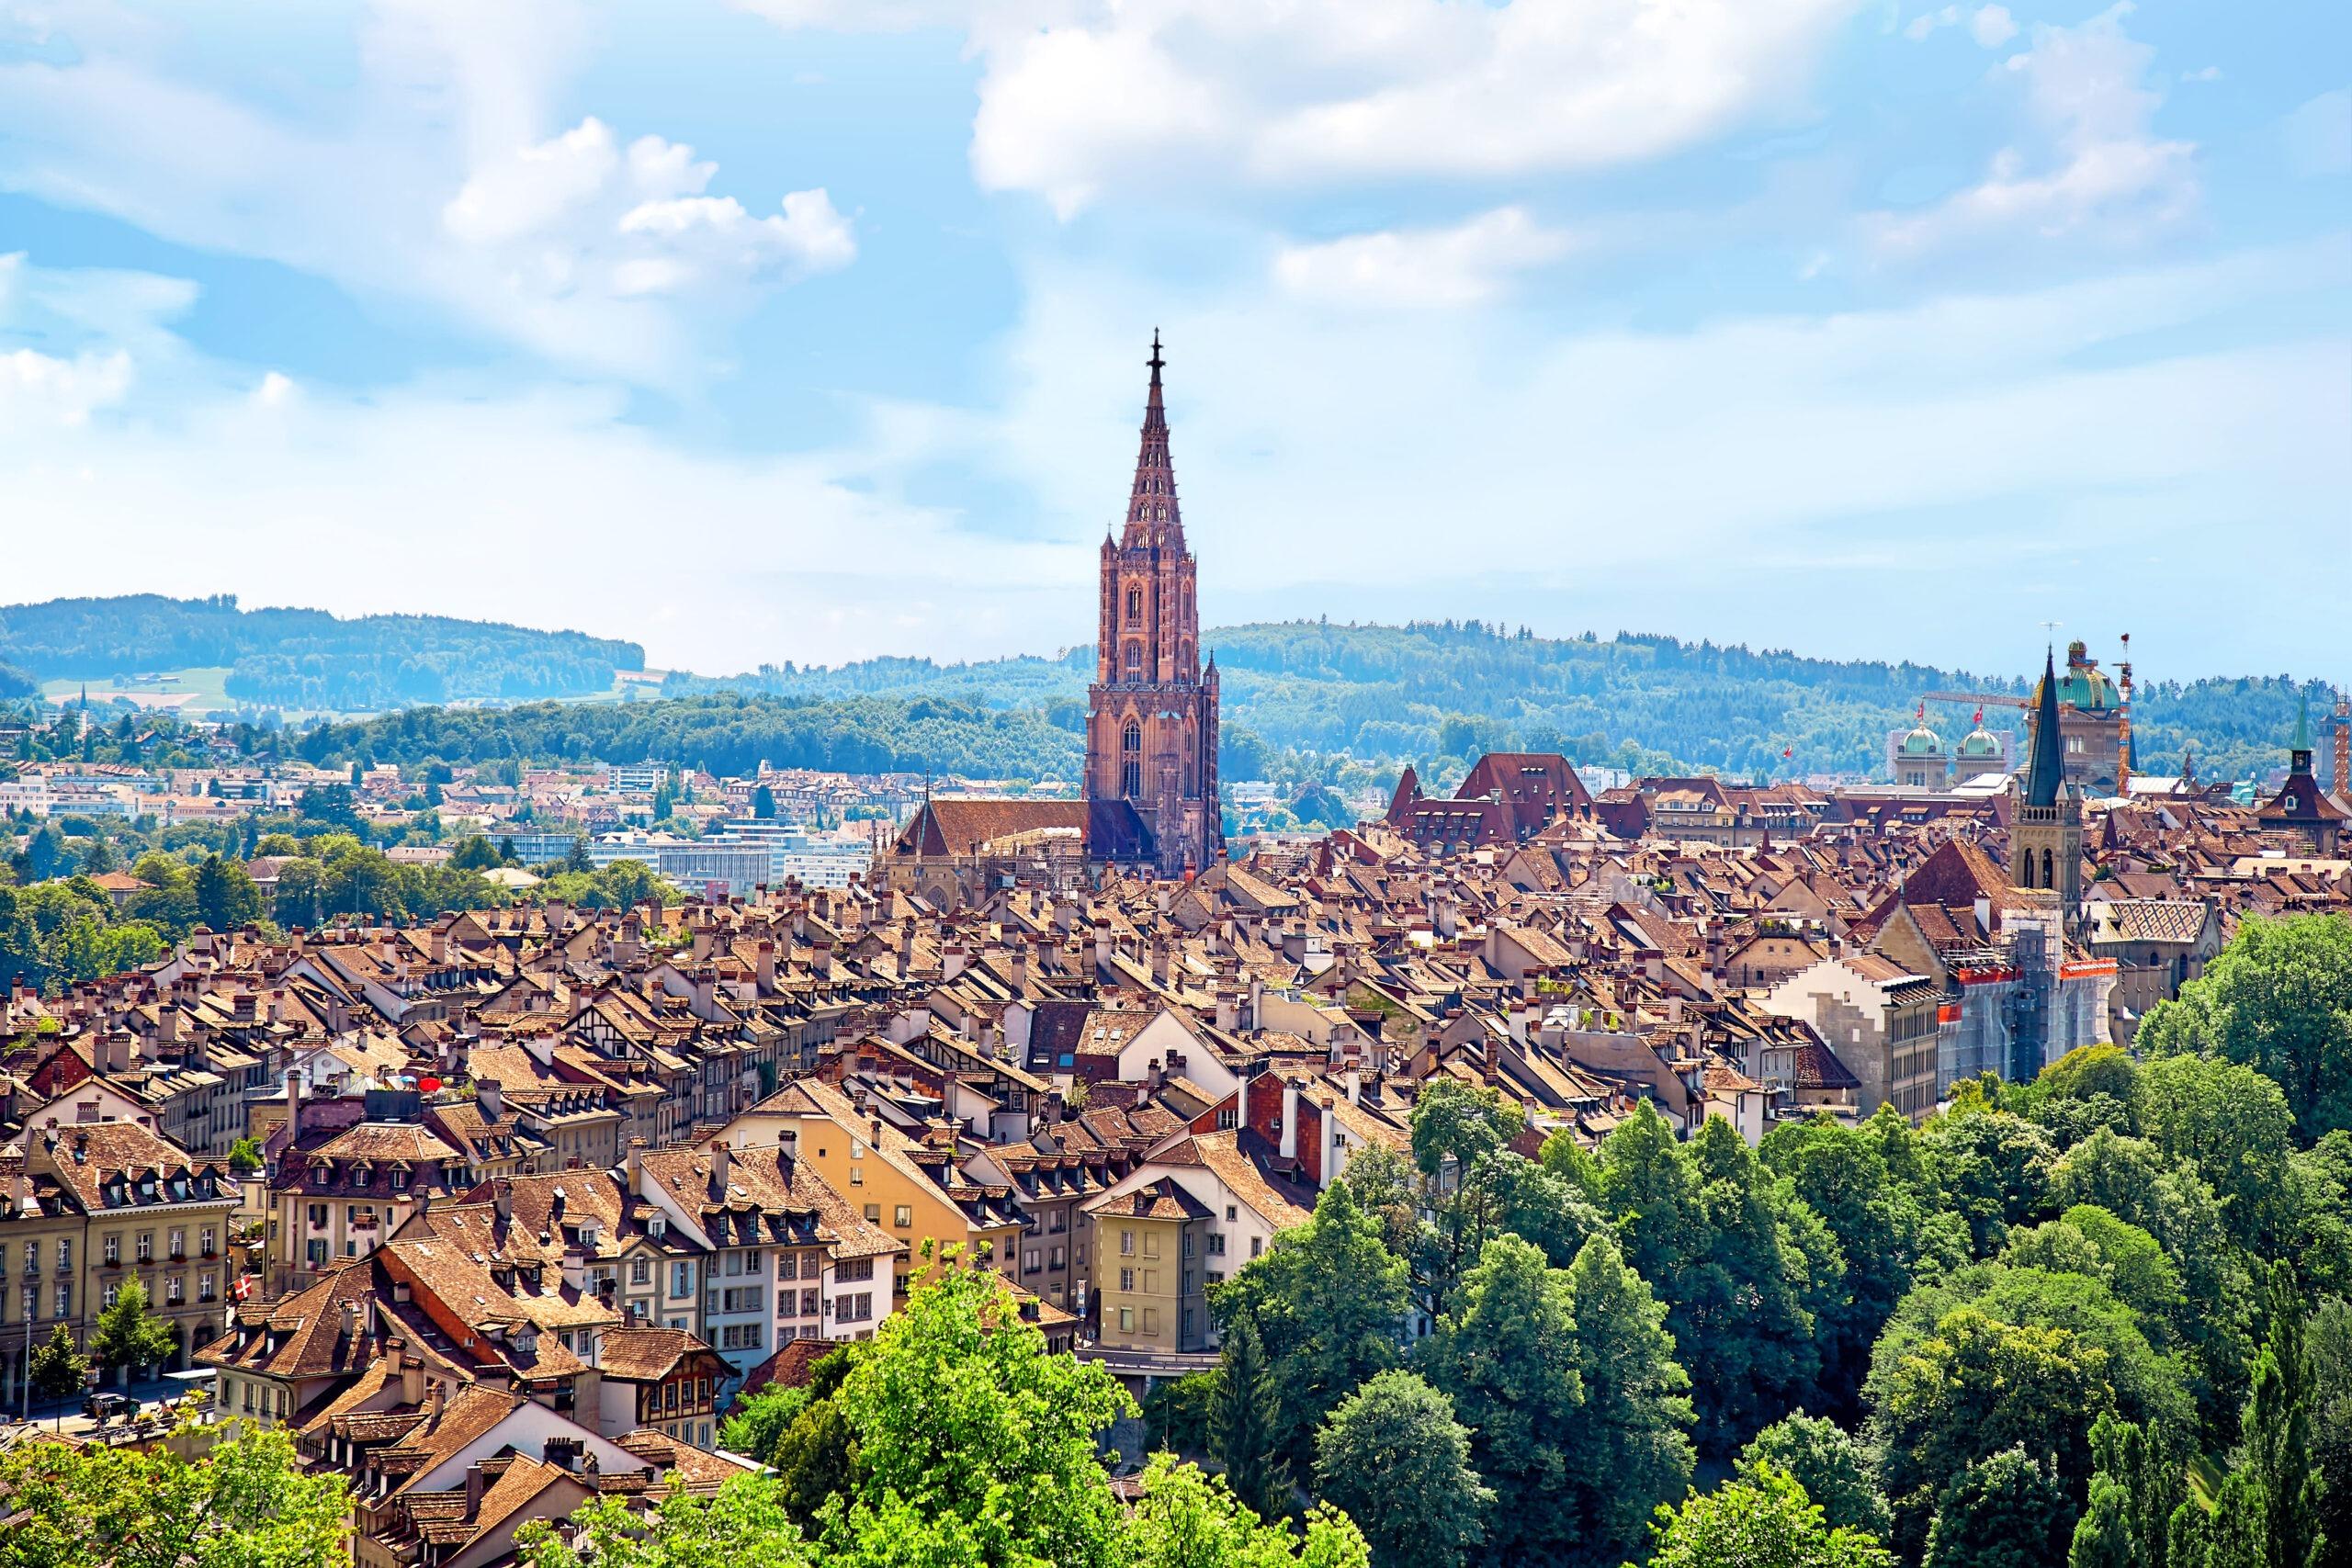 Panoramabild von Bern mit der Kirche im Mittelpunkt